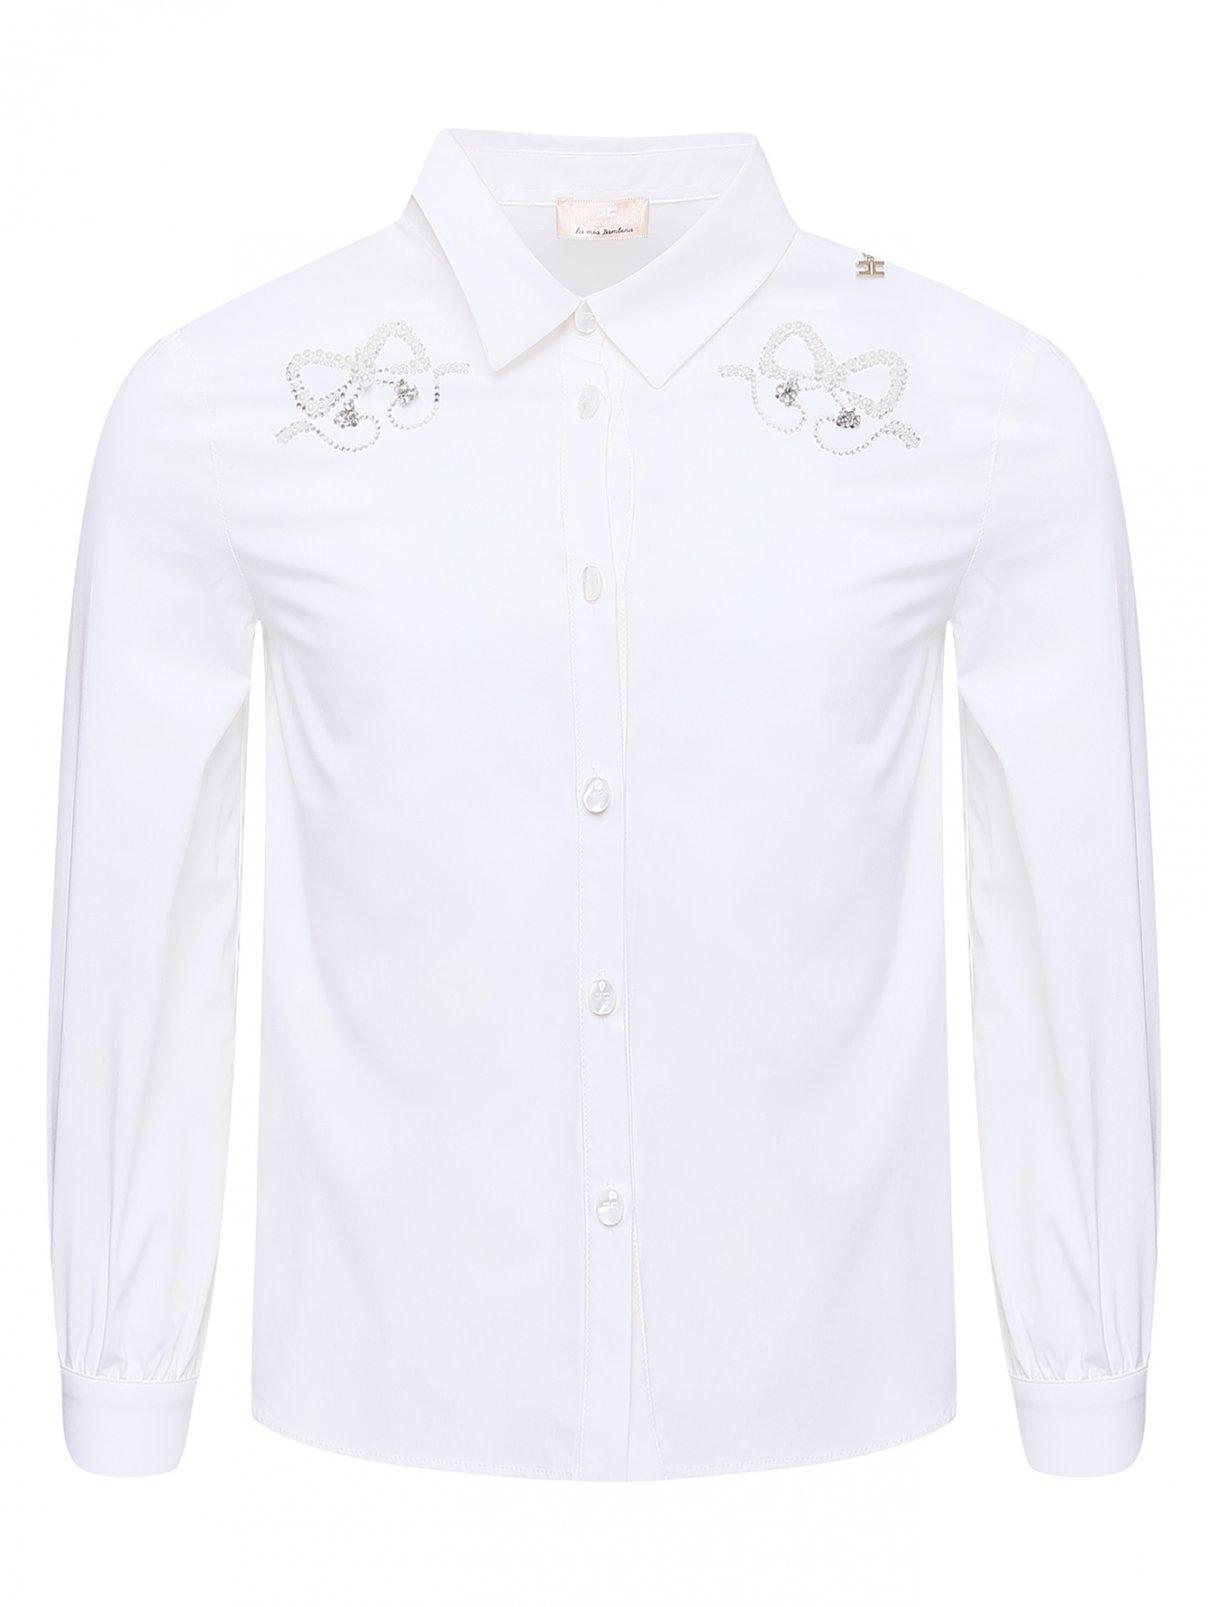 Рубашка хлопковая с декором бусинами и кристаллами Elisabetta Franchi  –  Общий вид